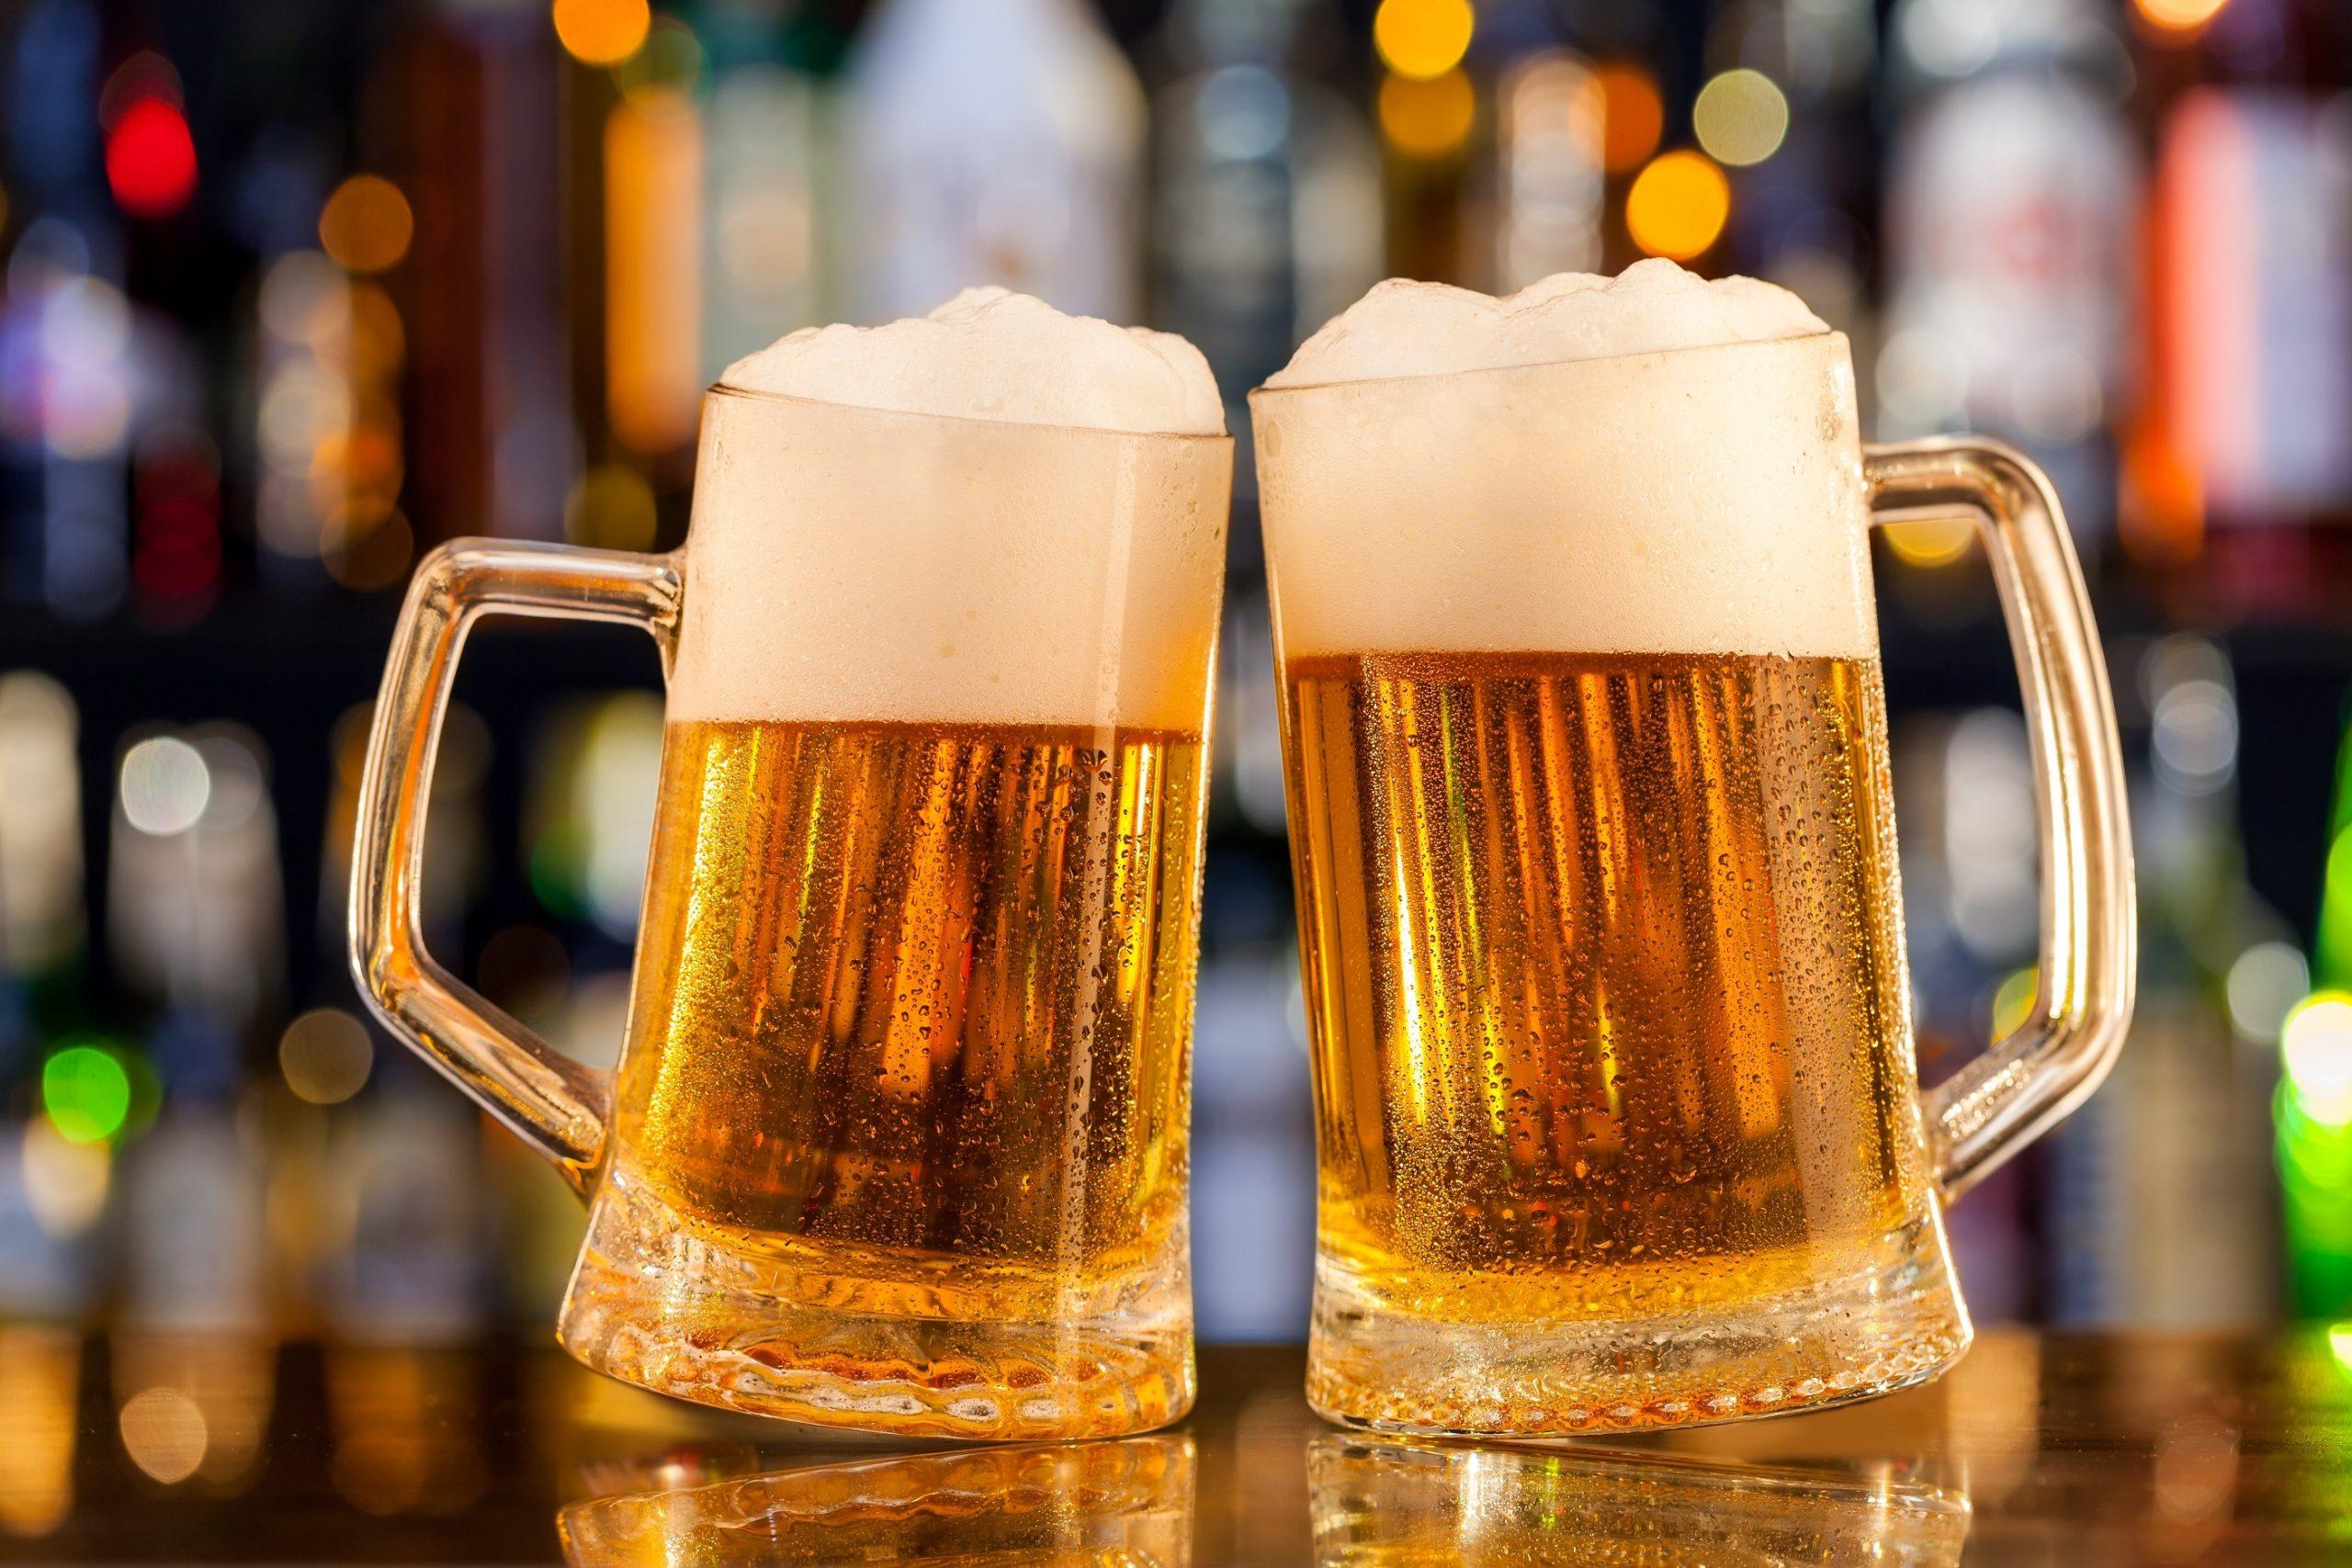 álcool atrapalha a dieta